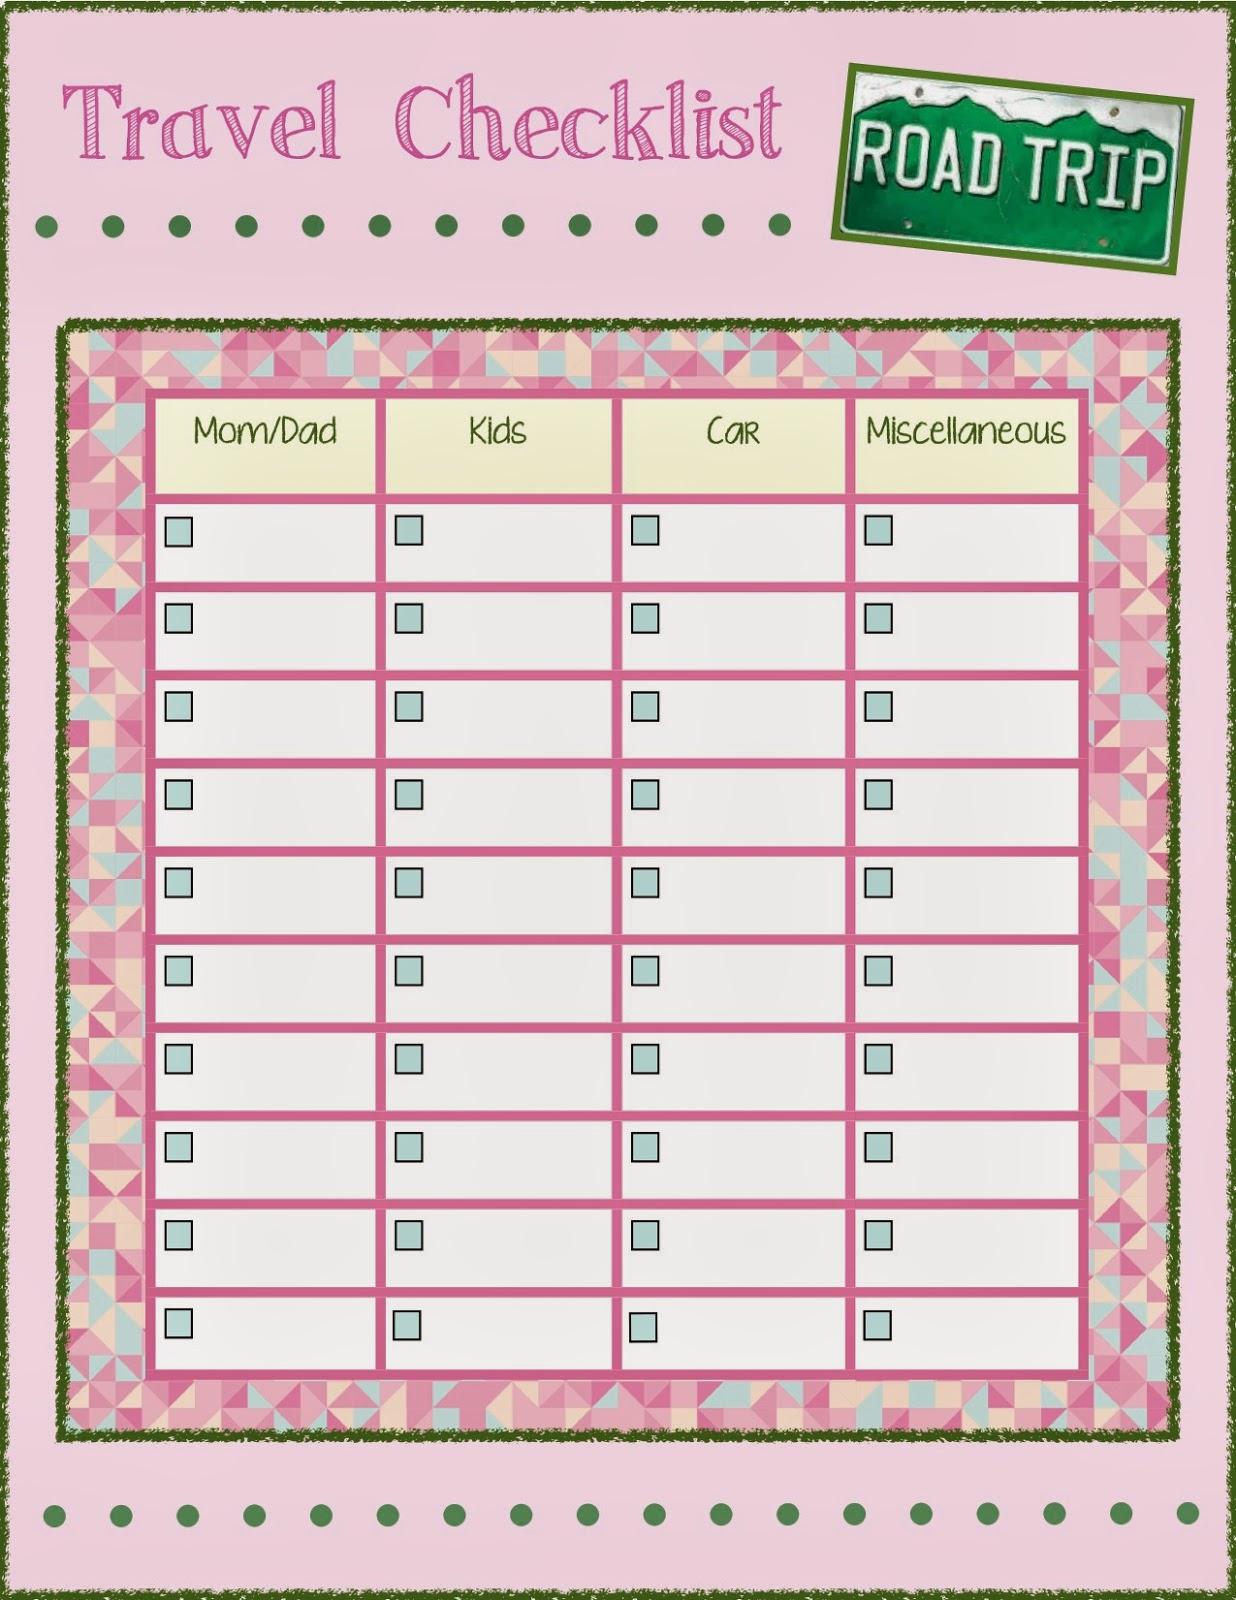 Vacation Checklist Samples